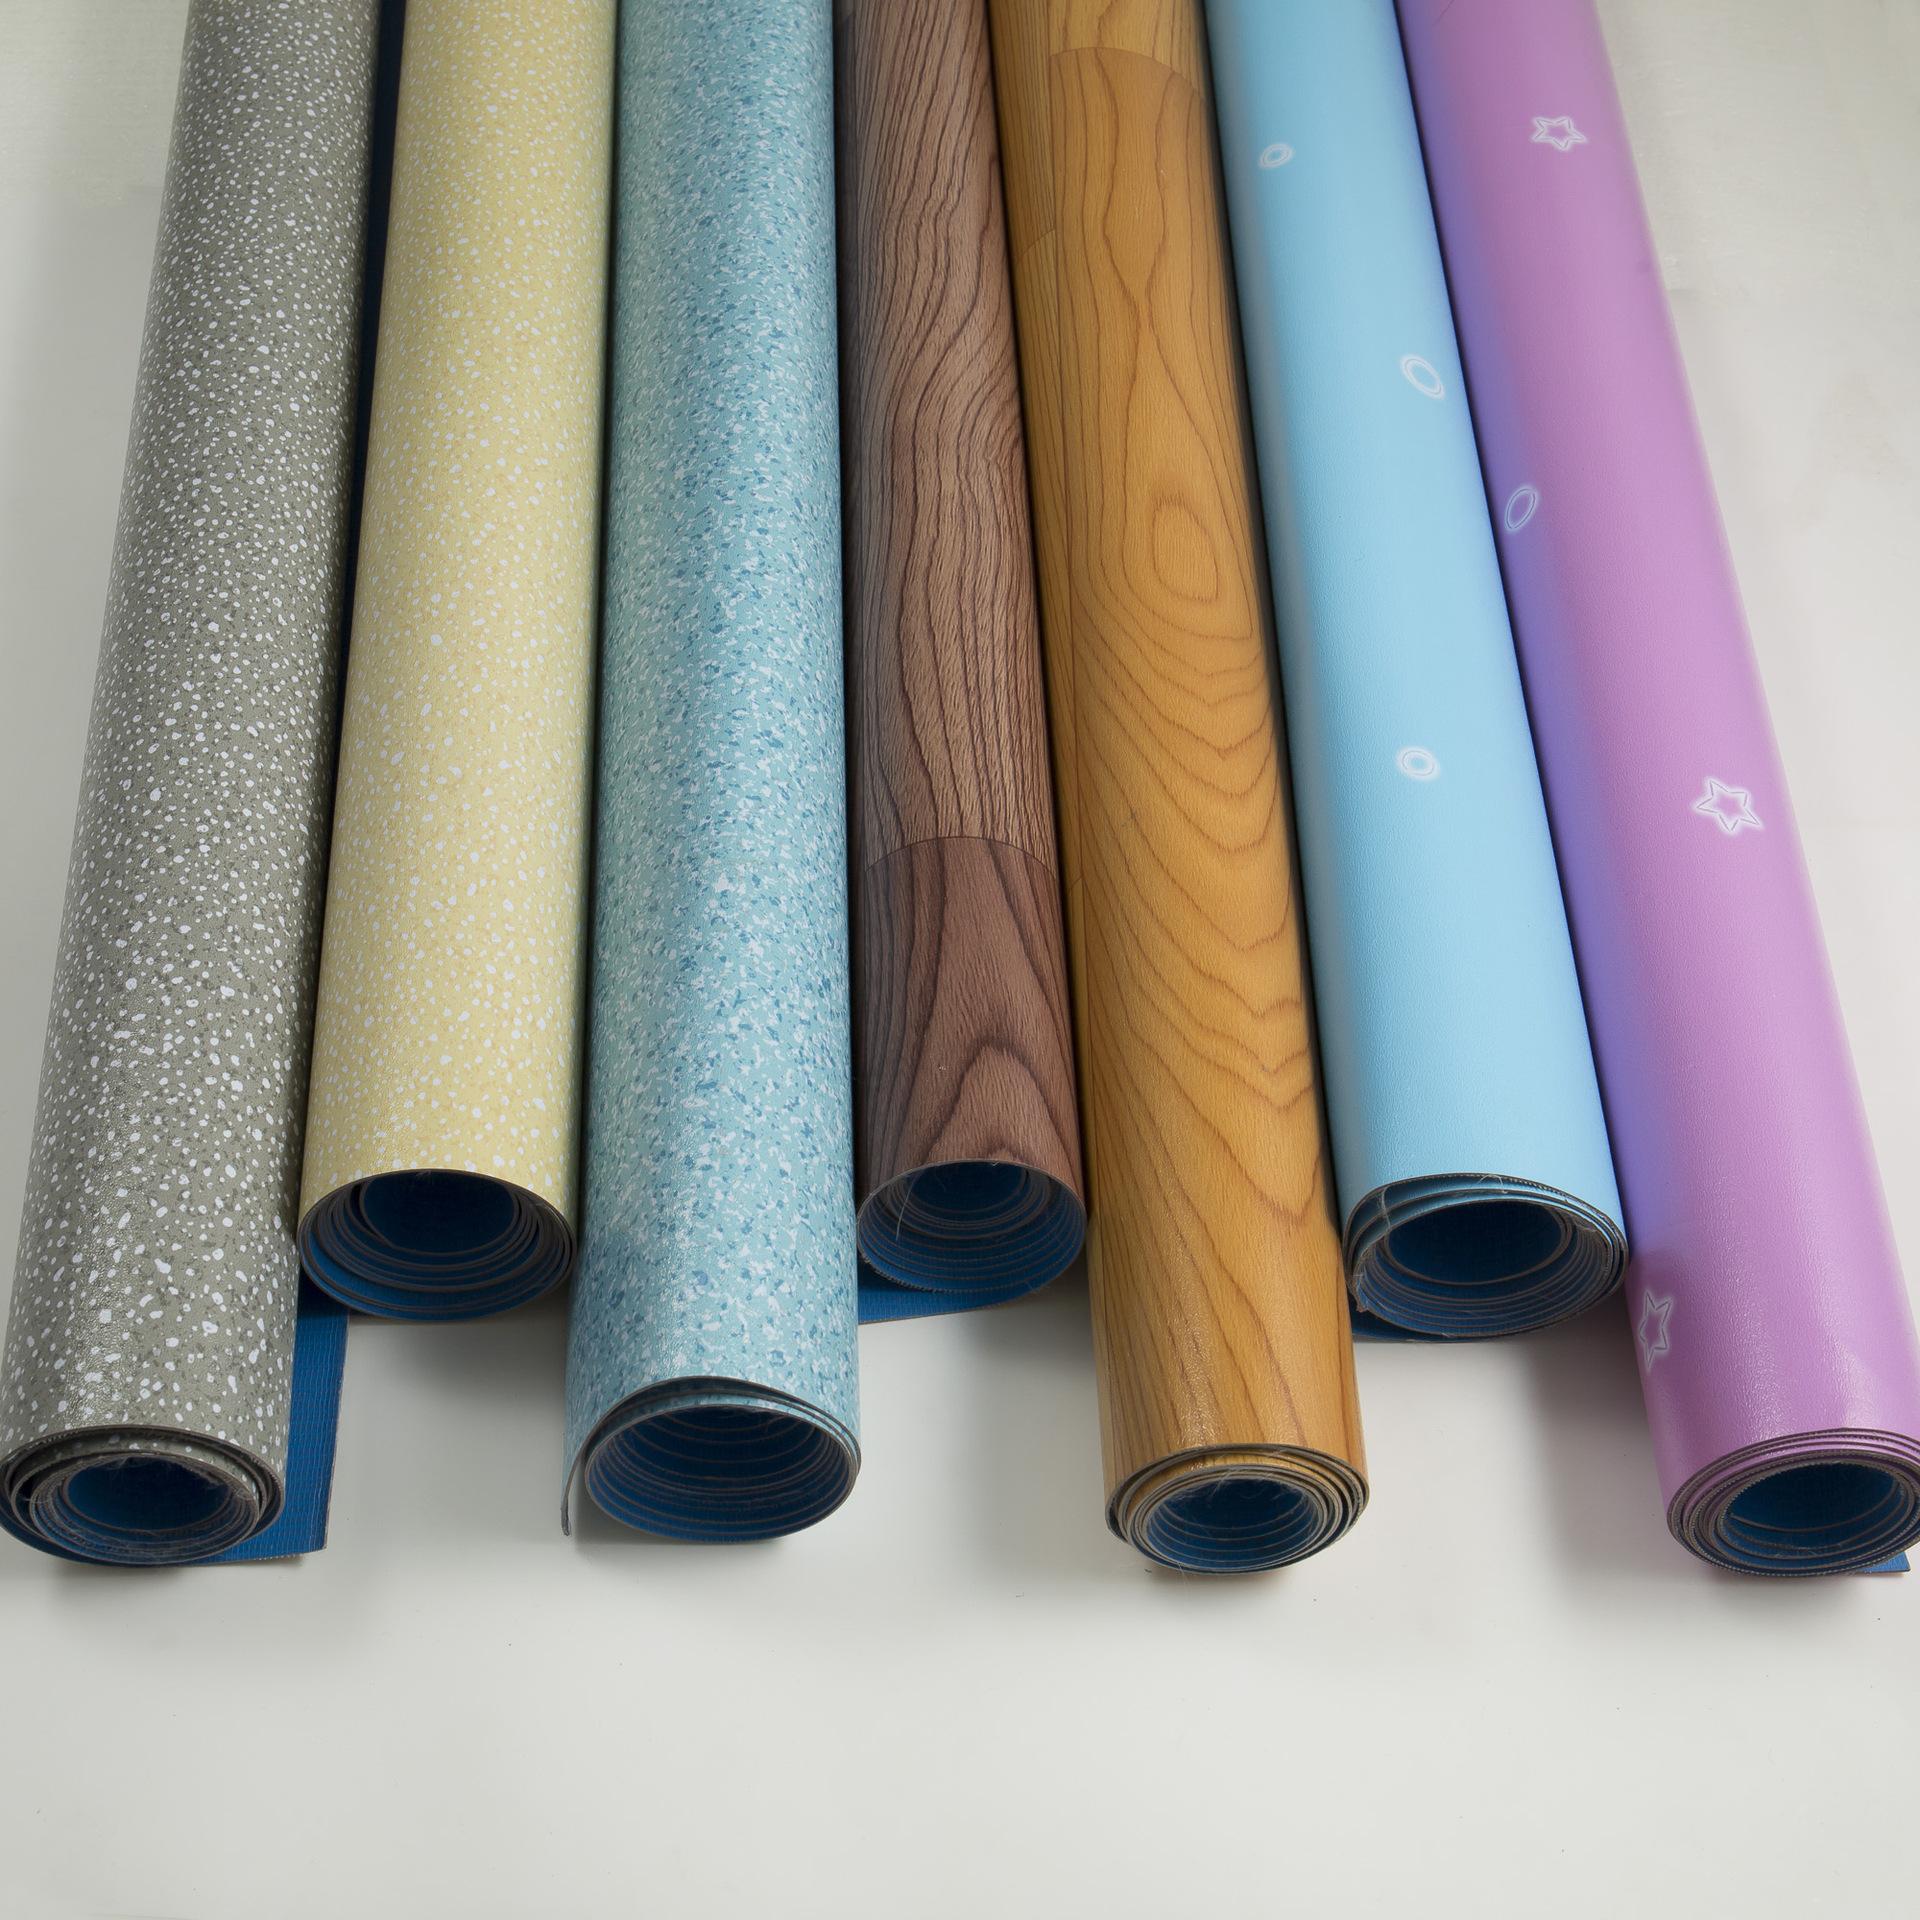 Sàn da PVC sàn da rắn nhựa kỹ thuật da dày mặc kháng không thấm nước không trượt nhà máy mẫu giáo ke